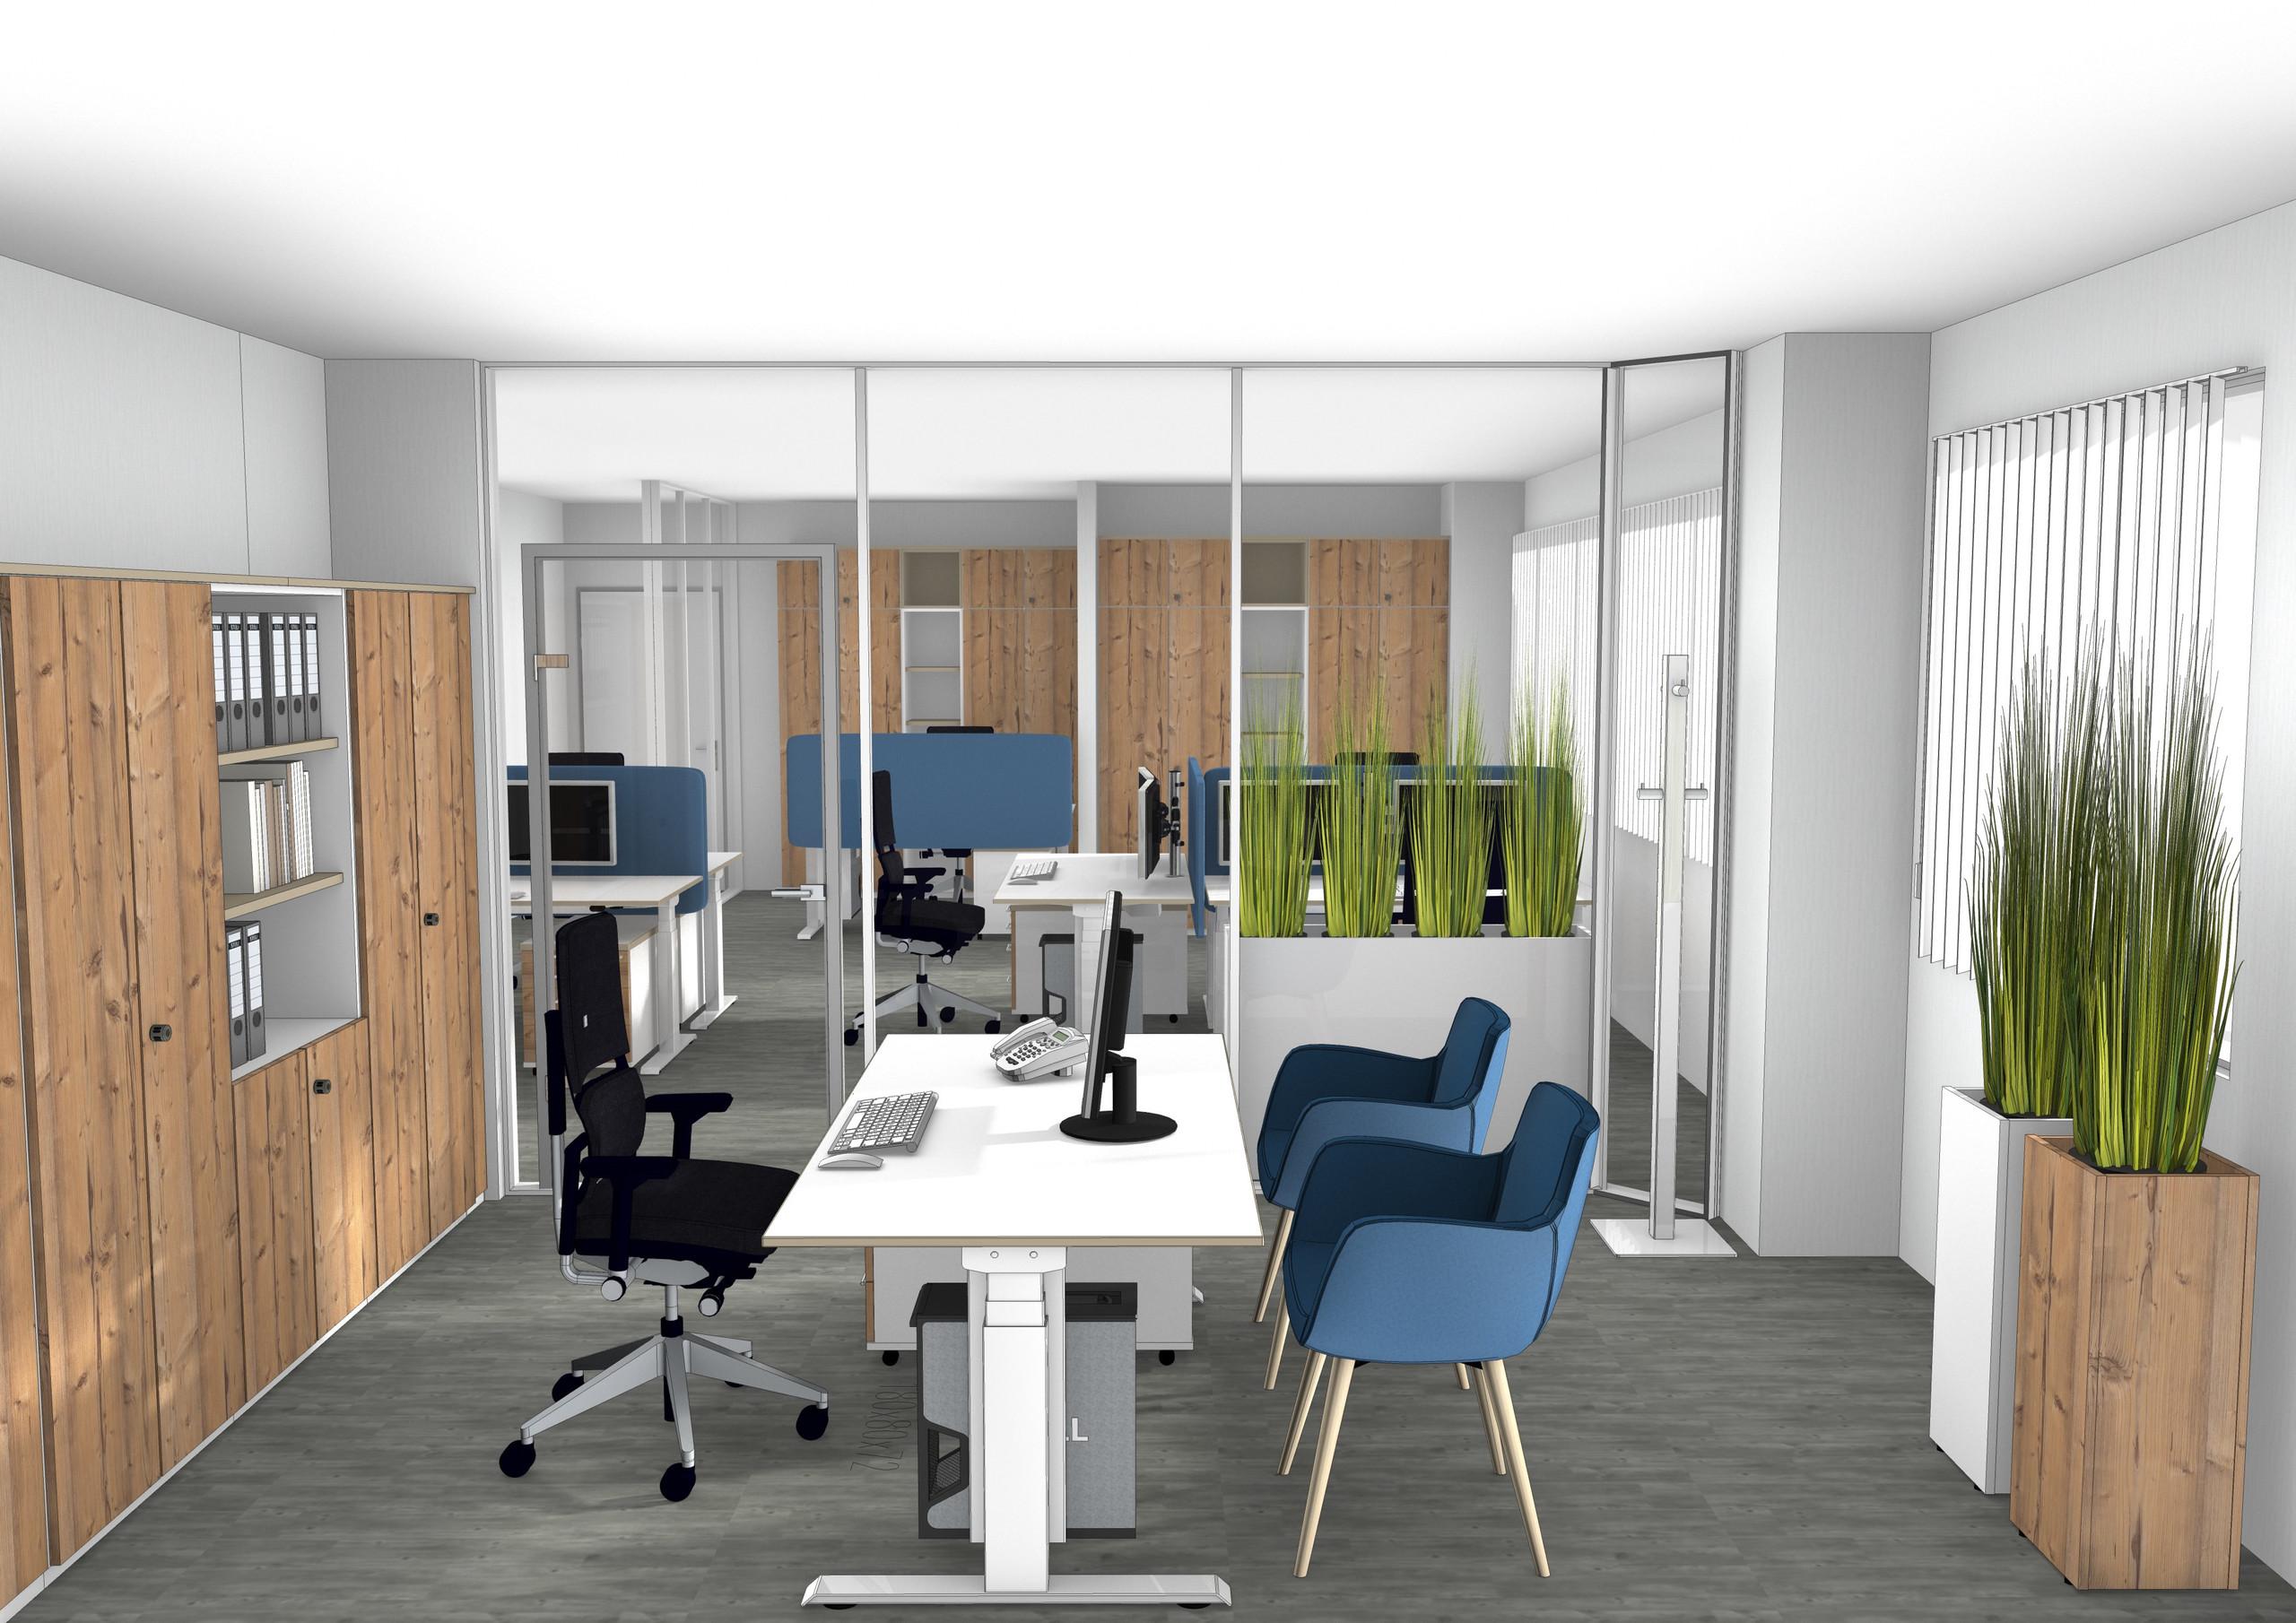 Einzelbüro kompakt